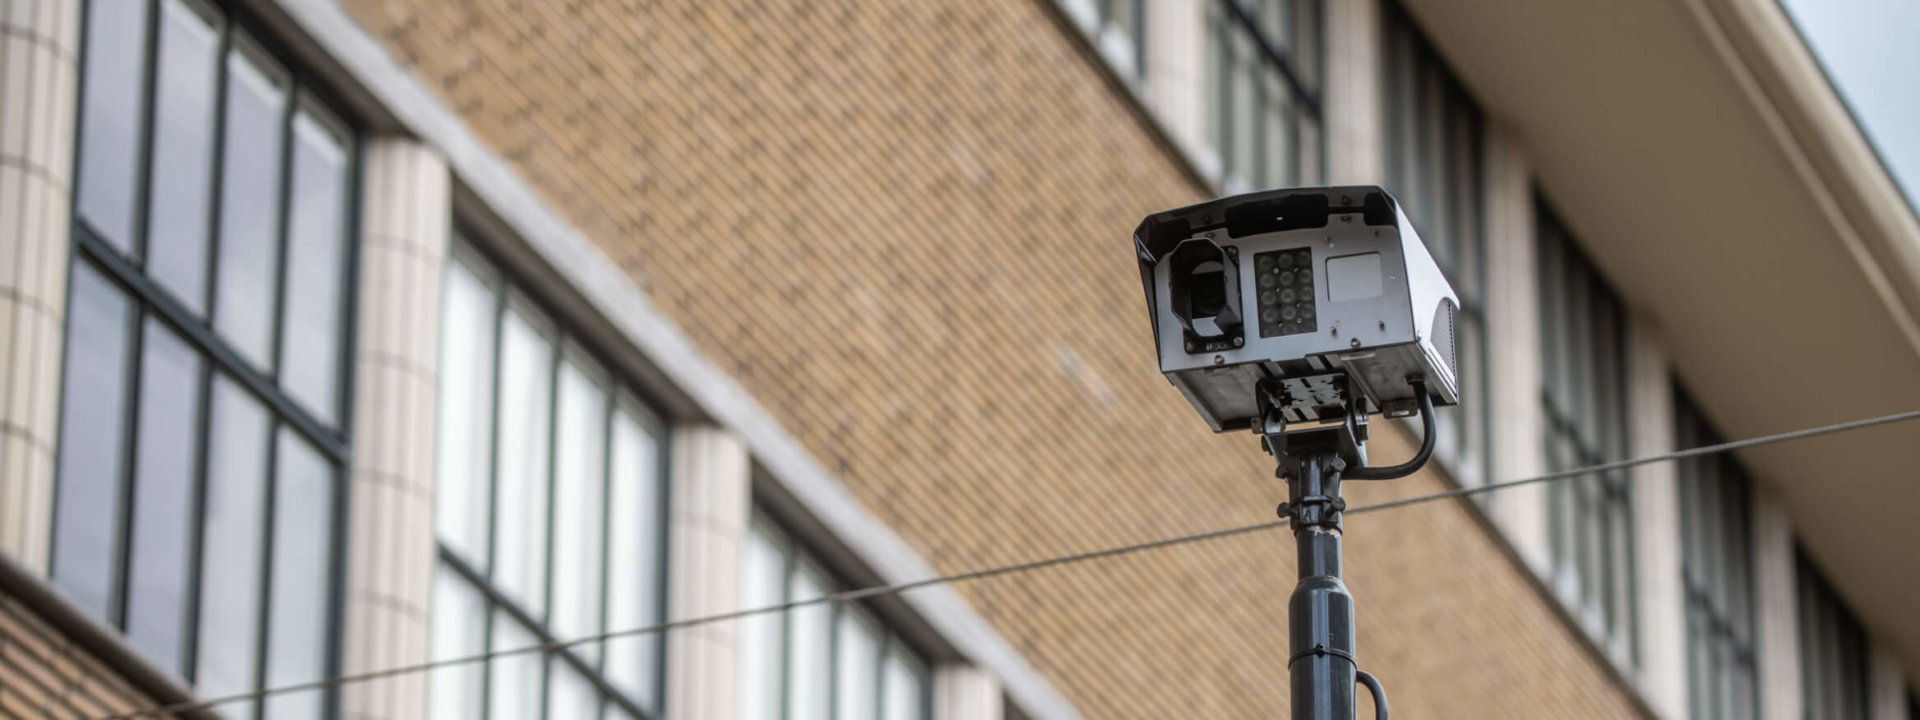 contrôle des entrées d'accès par caméra de surveillance